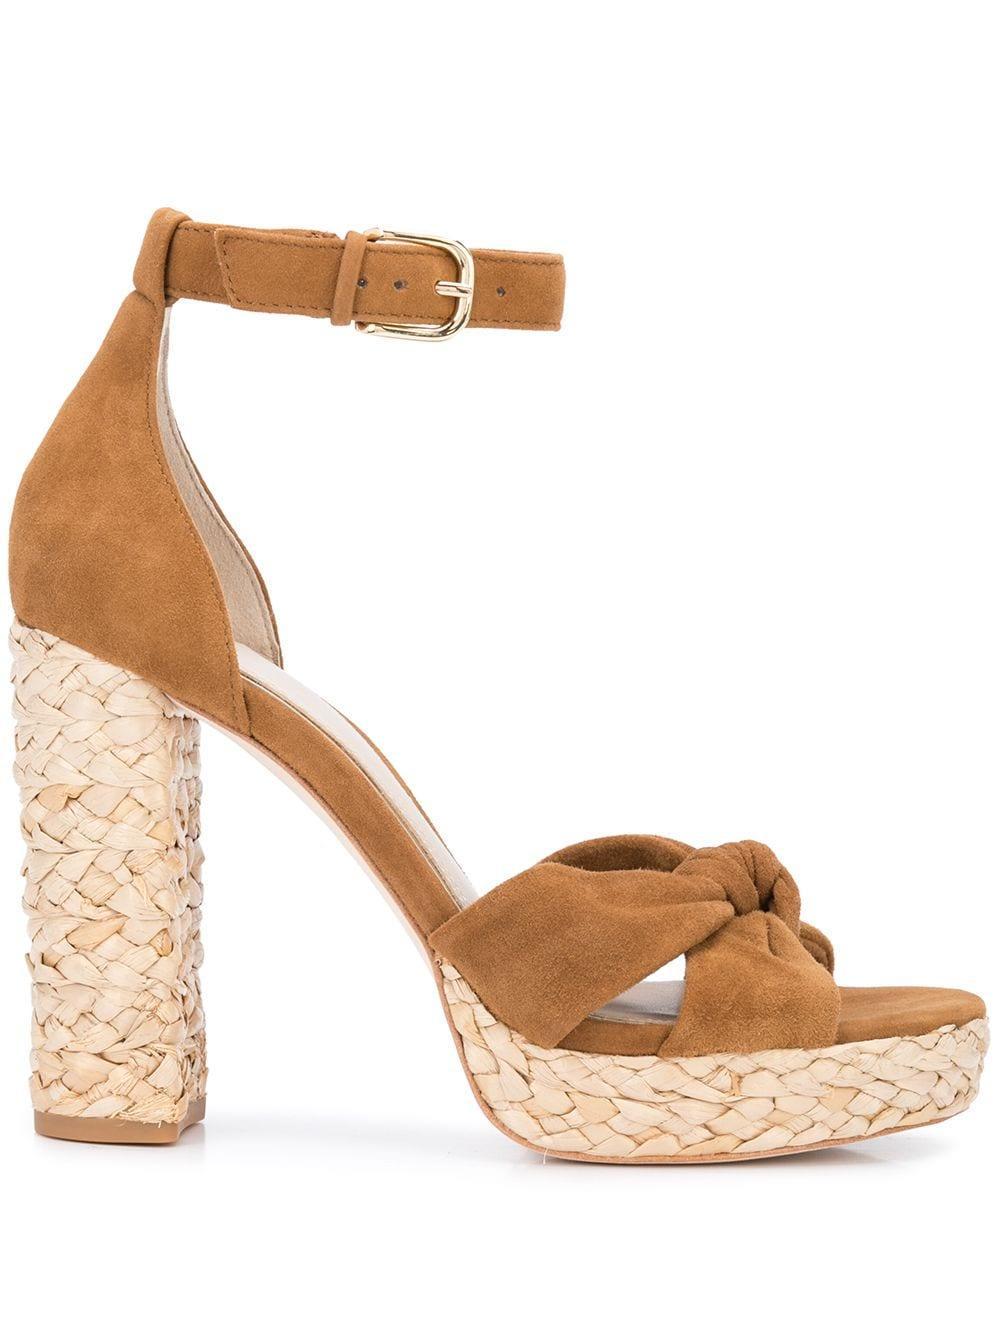 Suede Ankle Strap Straw Heel Platform Sandals Item # IVEY